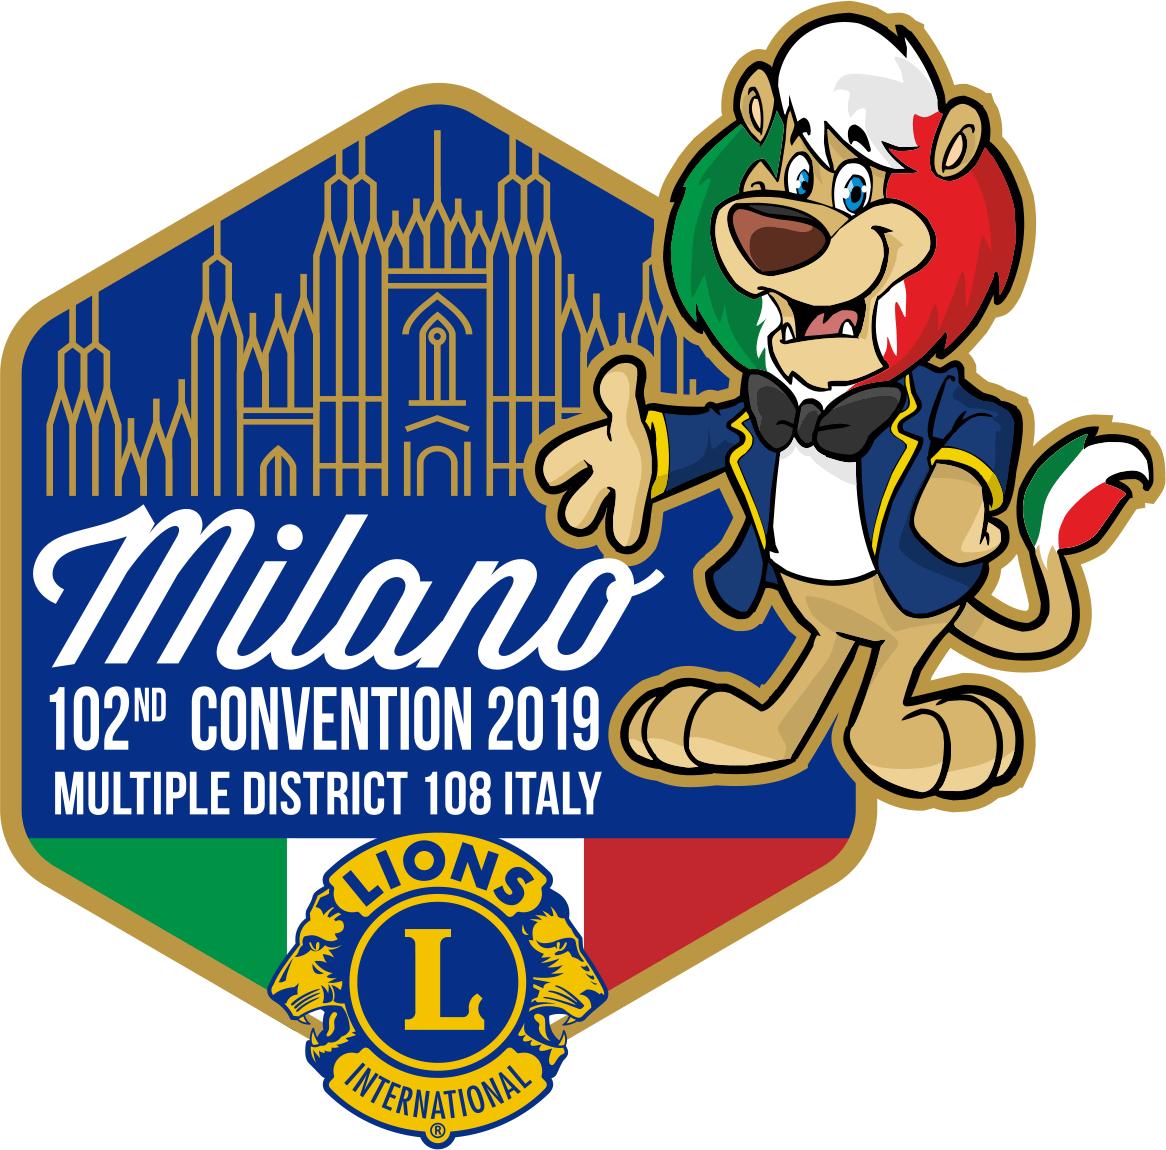 351de4a9153a Pin Ufficiale del Multidistretto 108 ITALY per la Convention di Milano